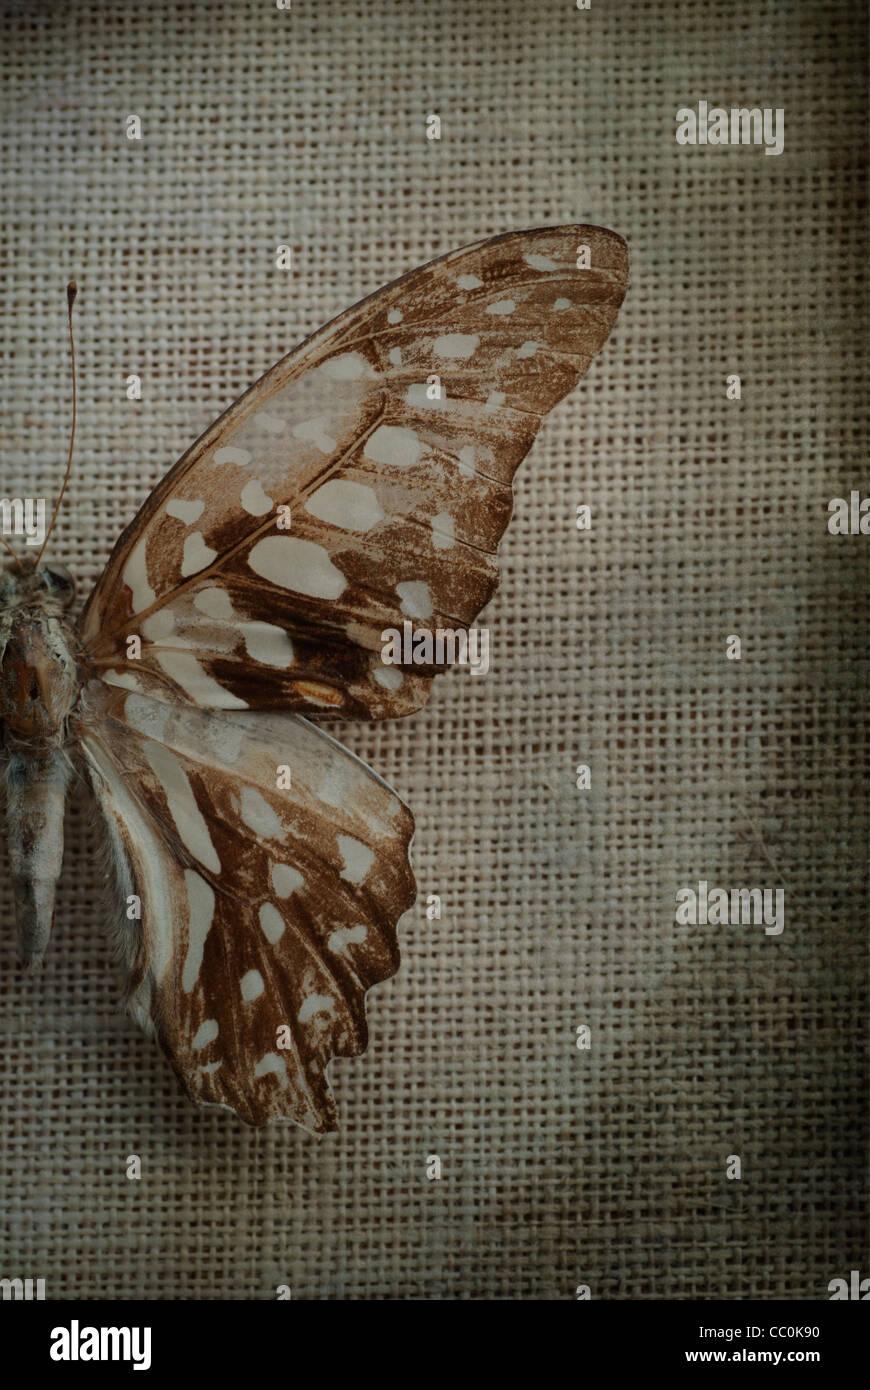 Dettaglio di un secco ala di farfalla Immagini Stock